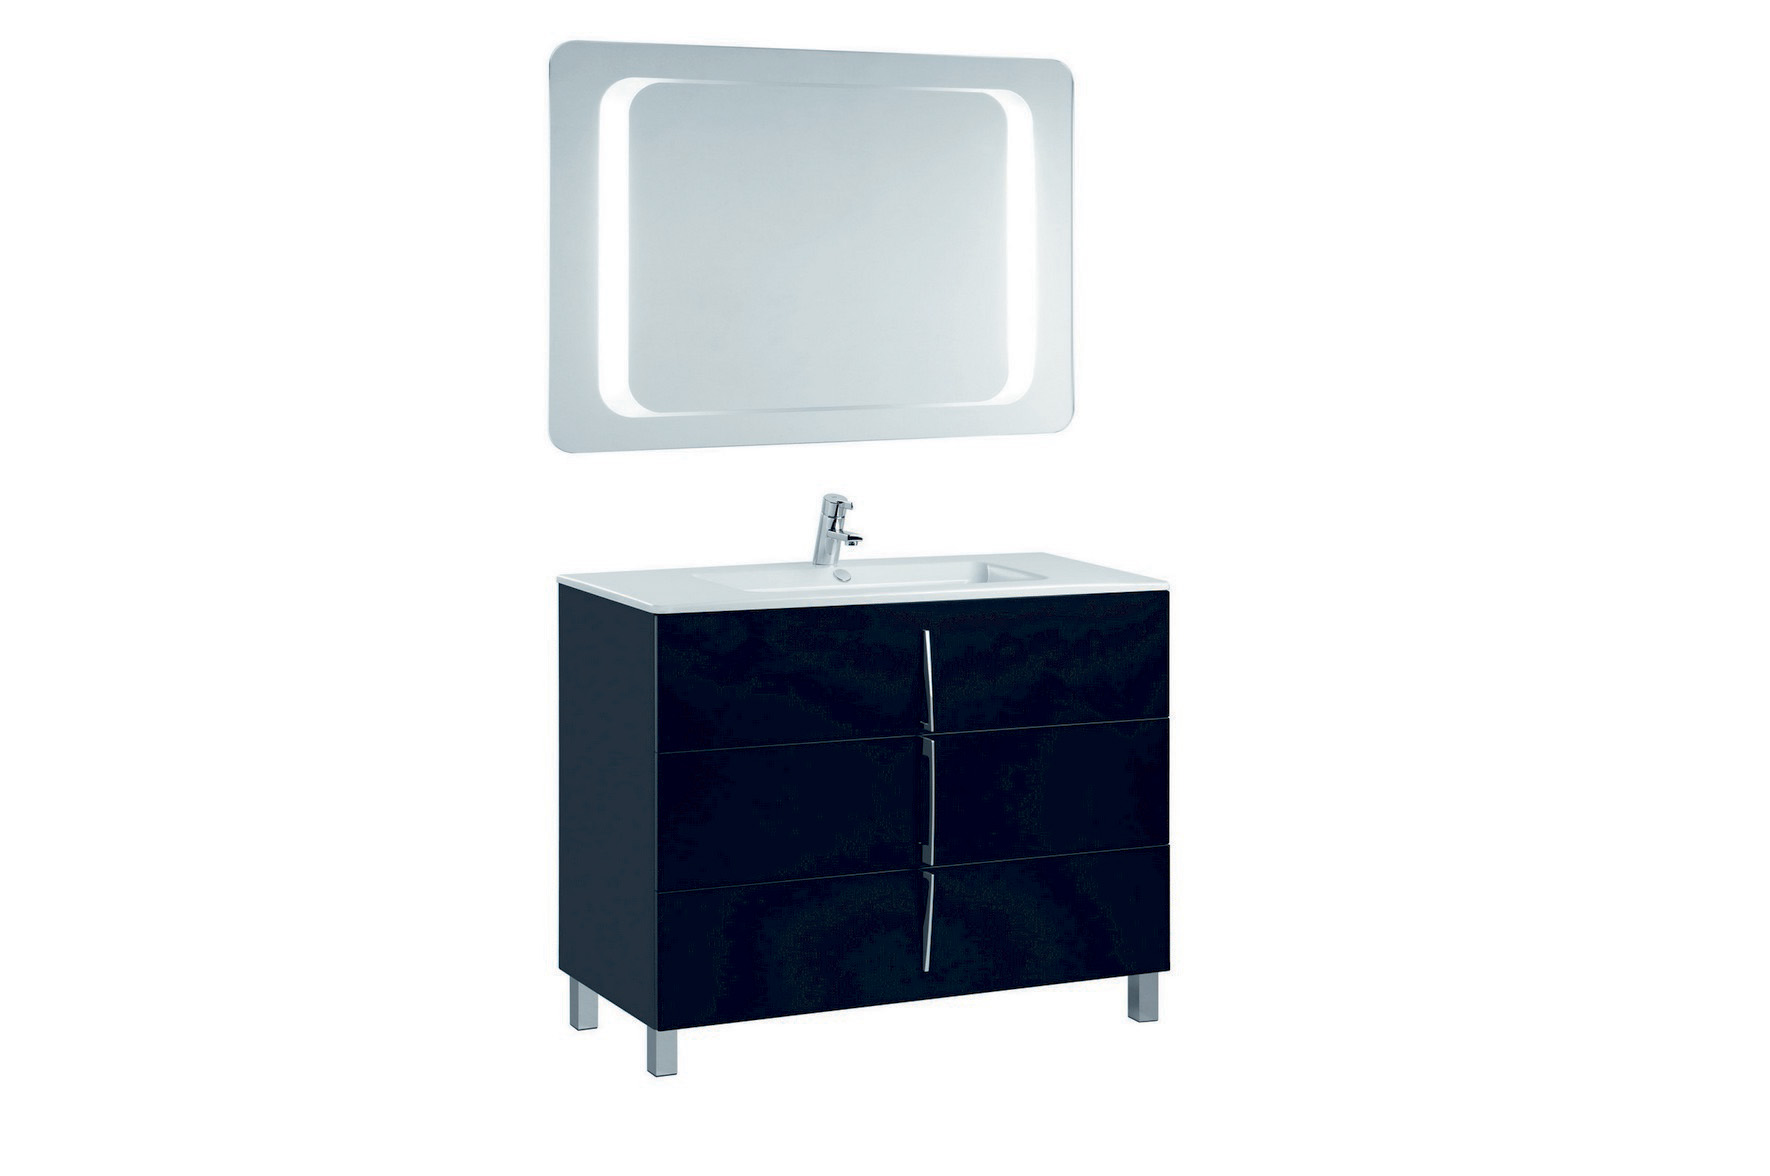 Mobilier negru 100 cm CUARZO 3C cu lavoar Emma si oglinda cu lumina rectangulara GALA - Poza 14